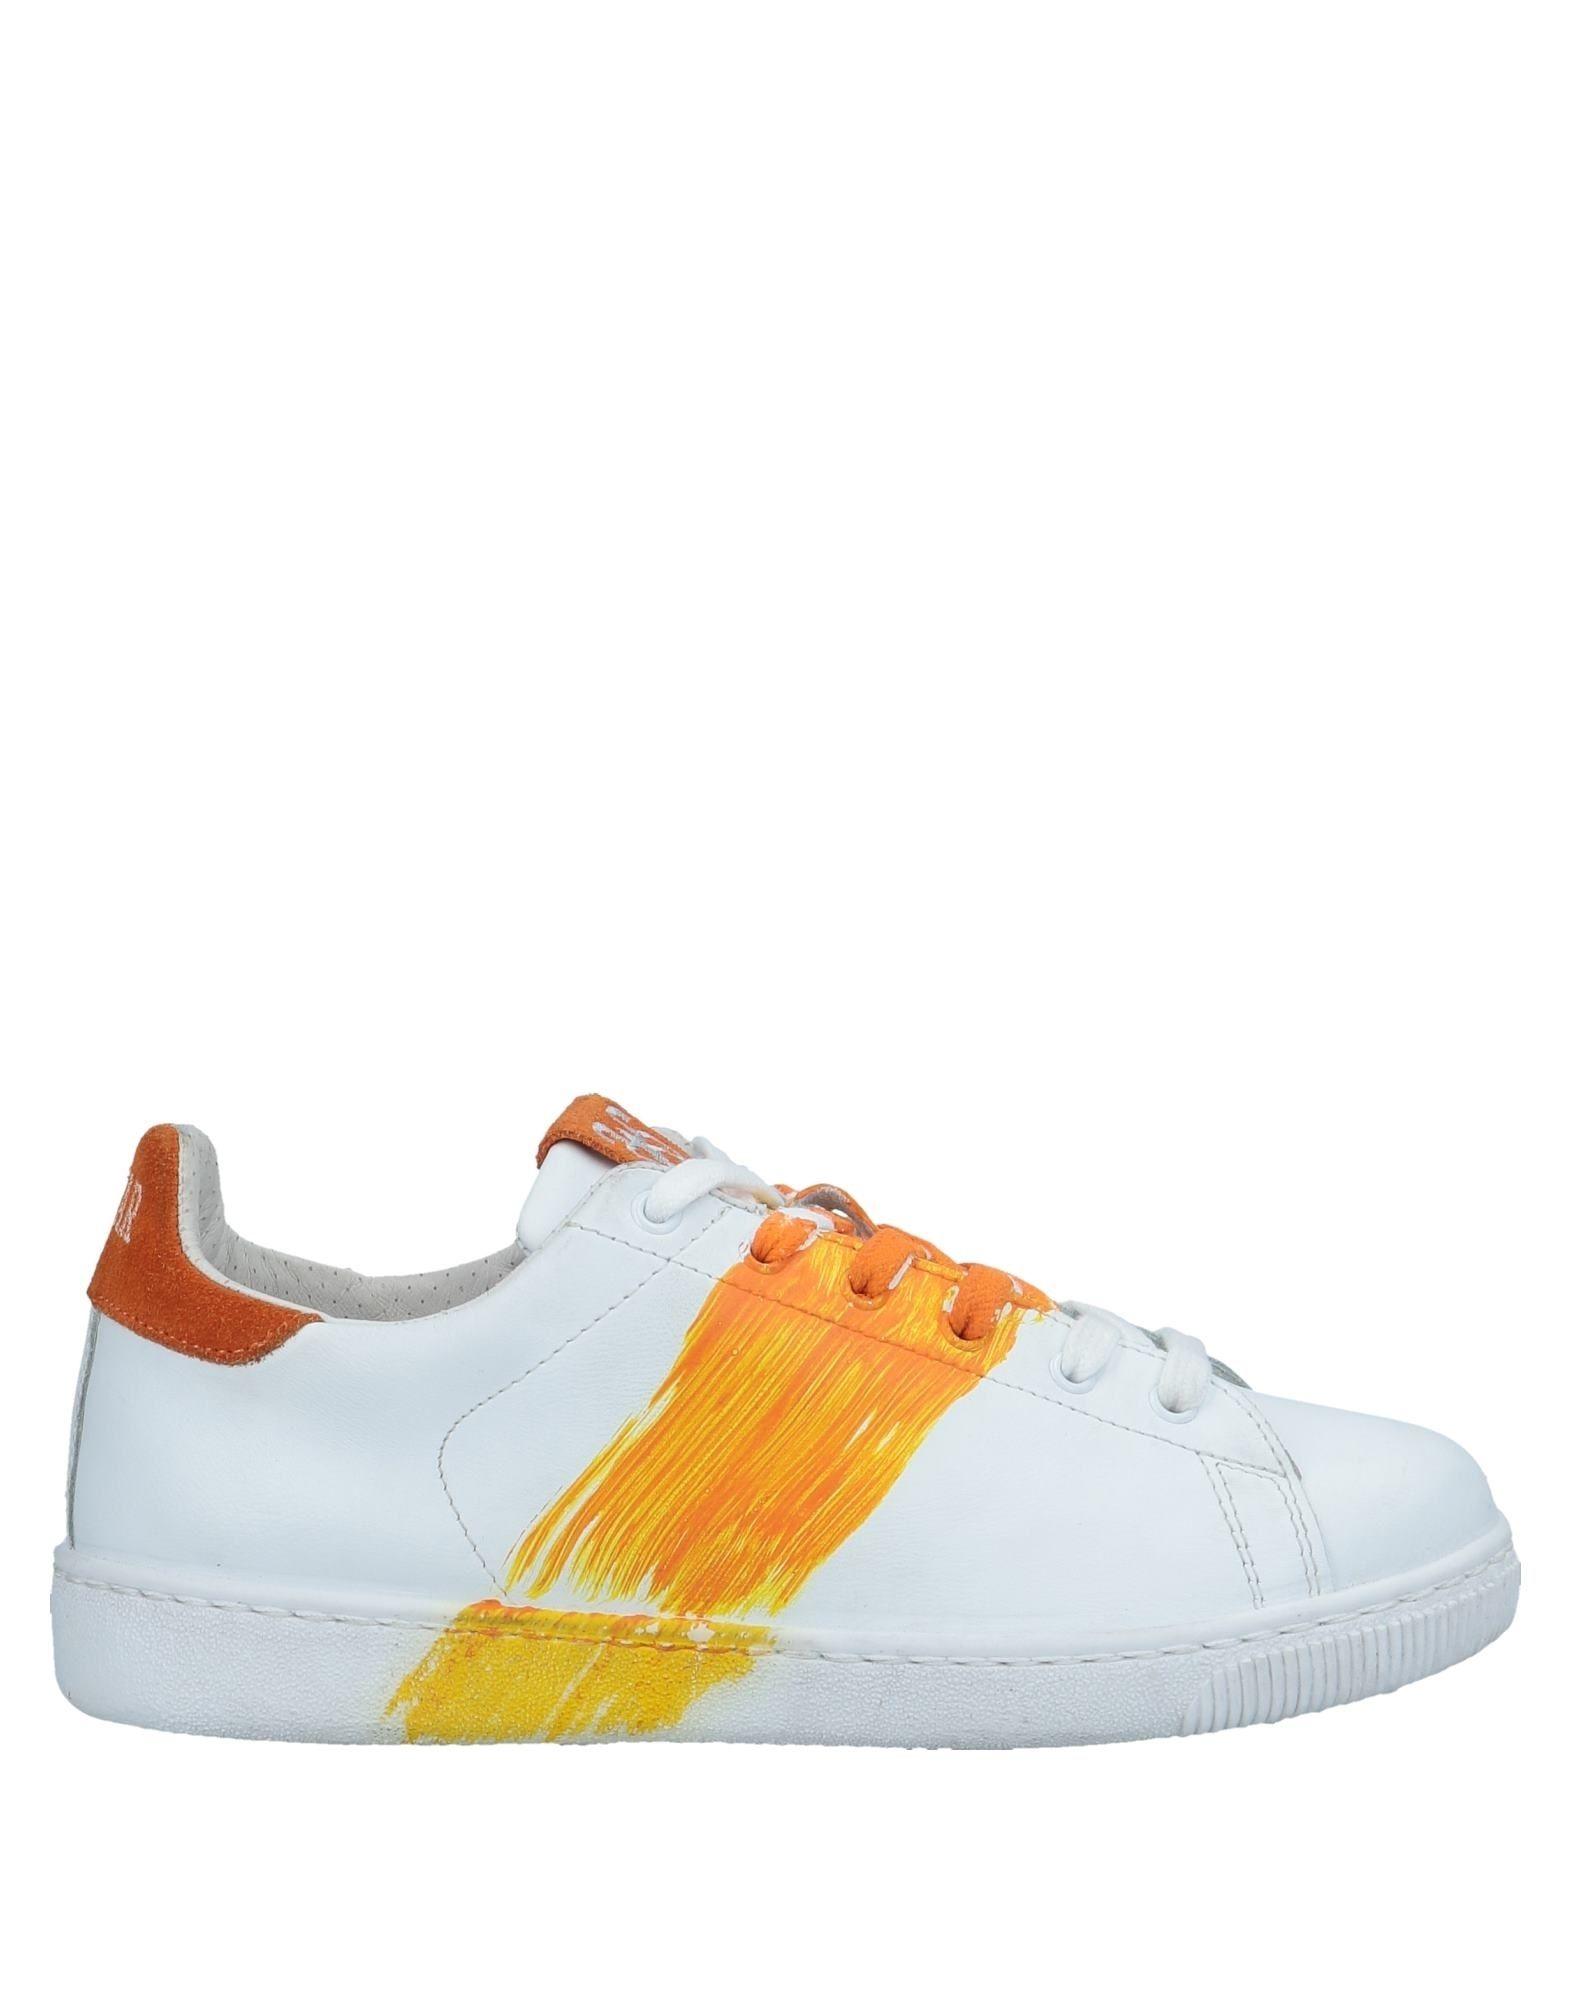 Cómodo y bien parecido Zapatillas 2Star Mujer - Zapatillas 2Star Blanco  Blanco 2Star 0ad305